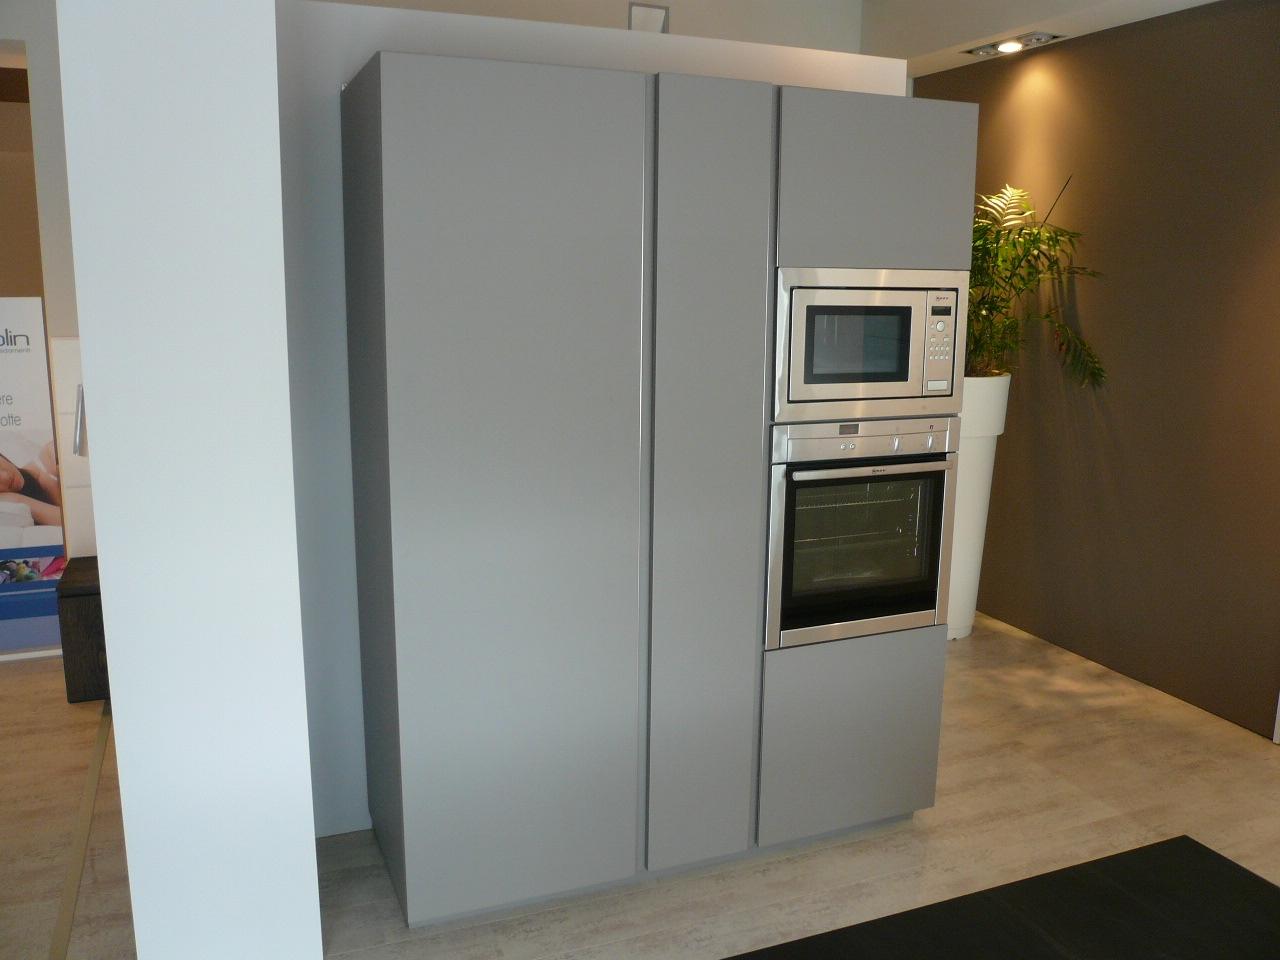 Cucina Modulnova Light Design Laccato Opaco bianca - Cucine a ...